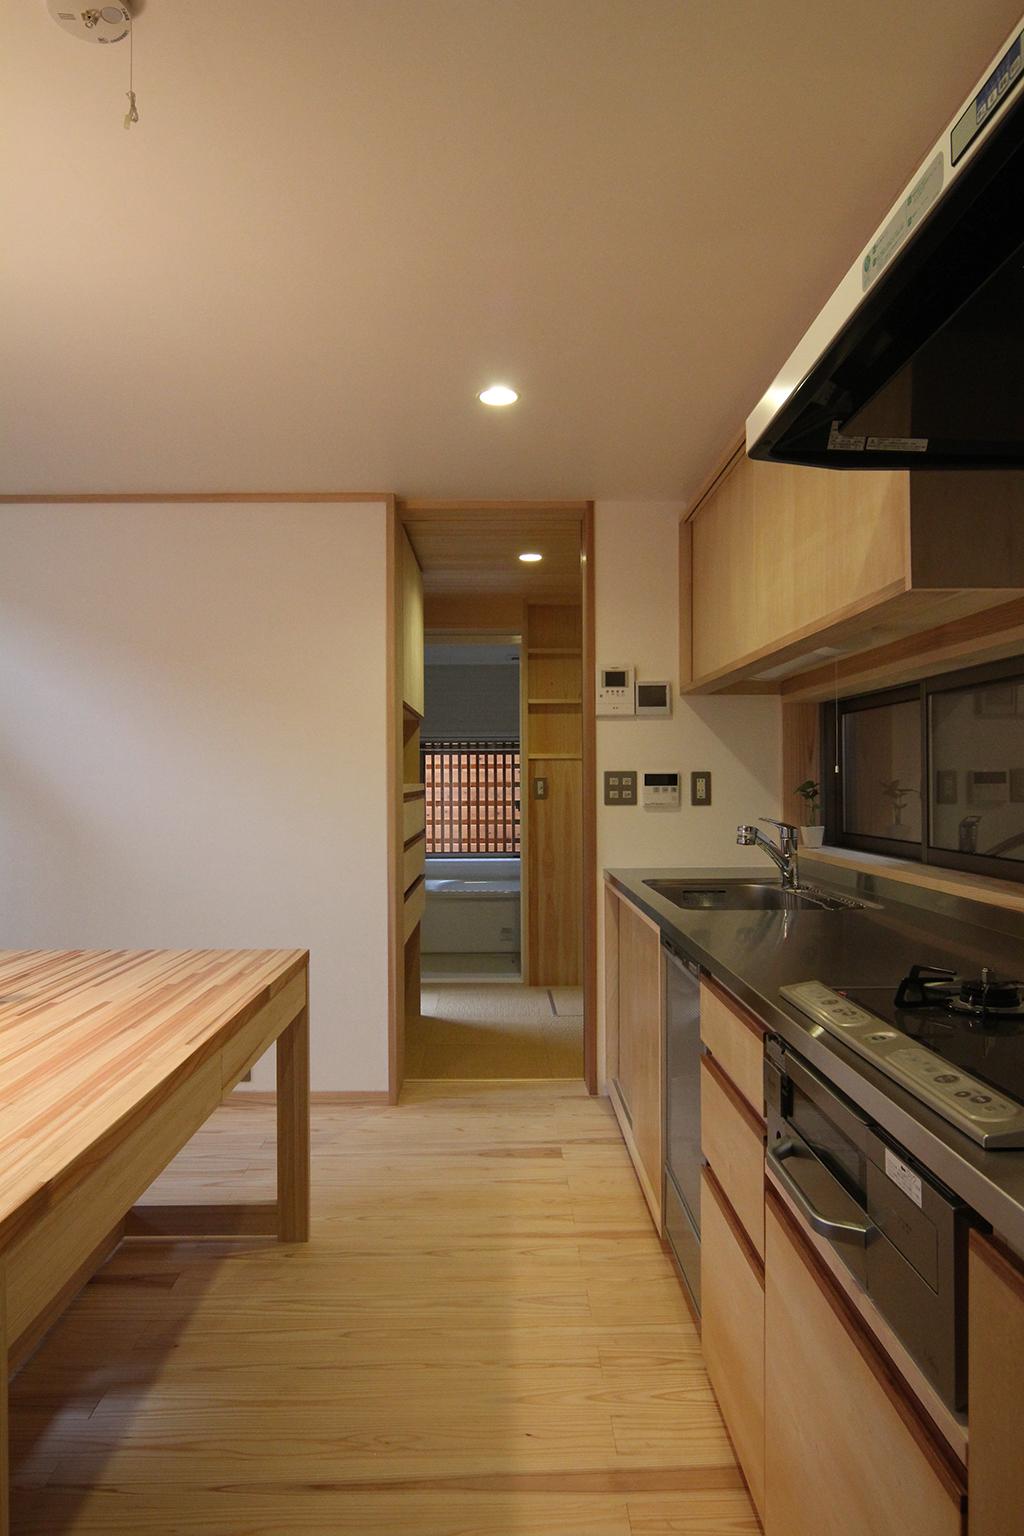 神戸市の木の家 オリジナルキッチンと一直線につながる水廻り